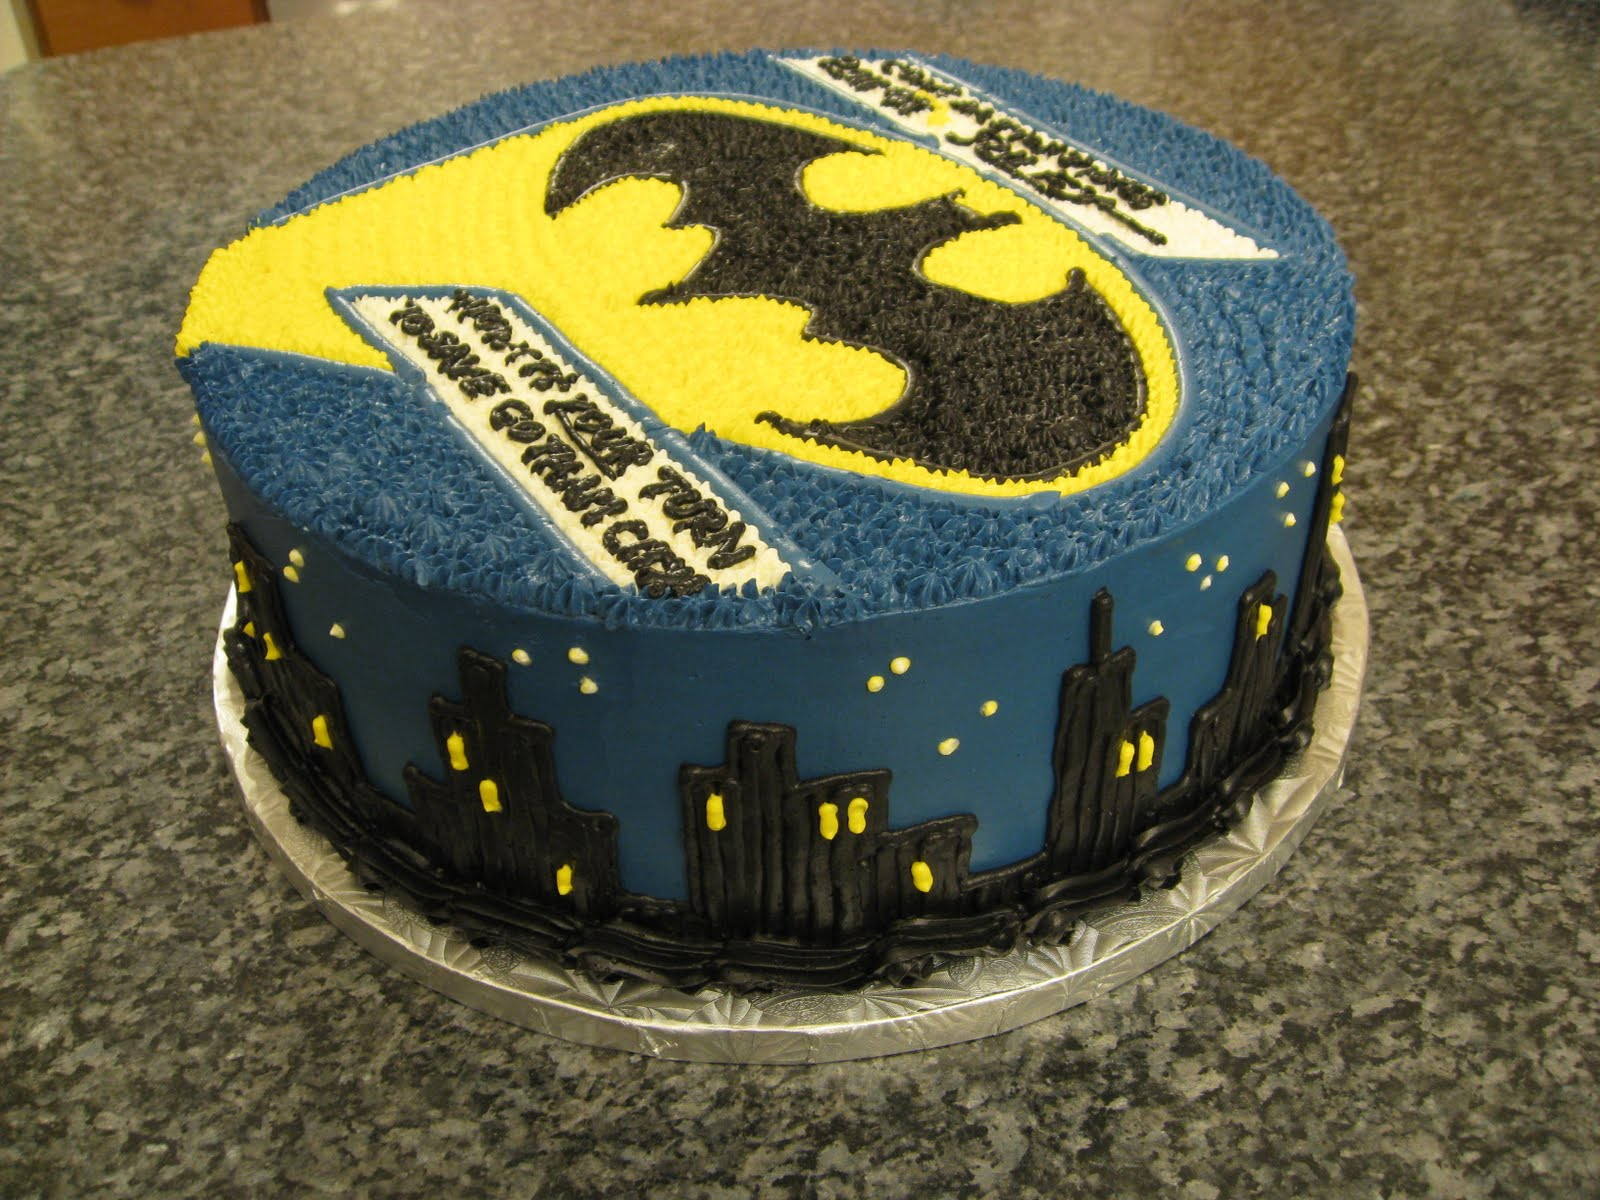 Lego Batman Sheet Cake